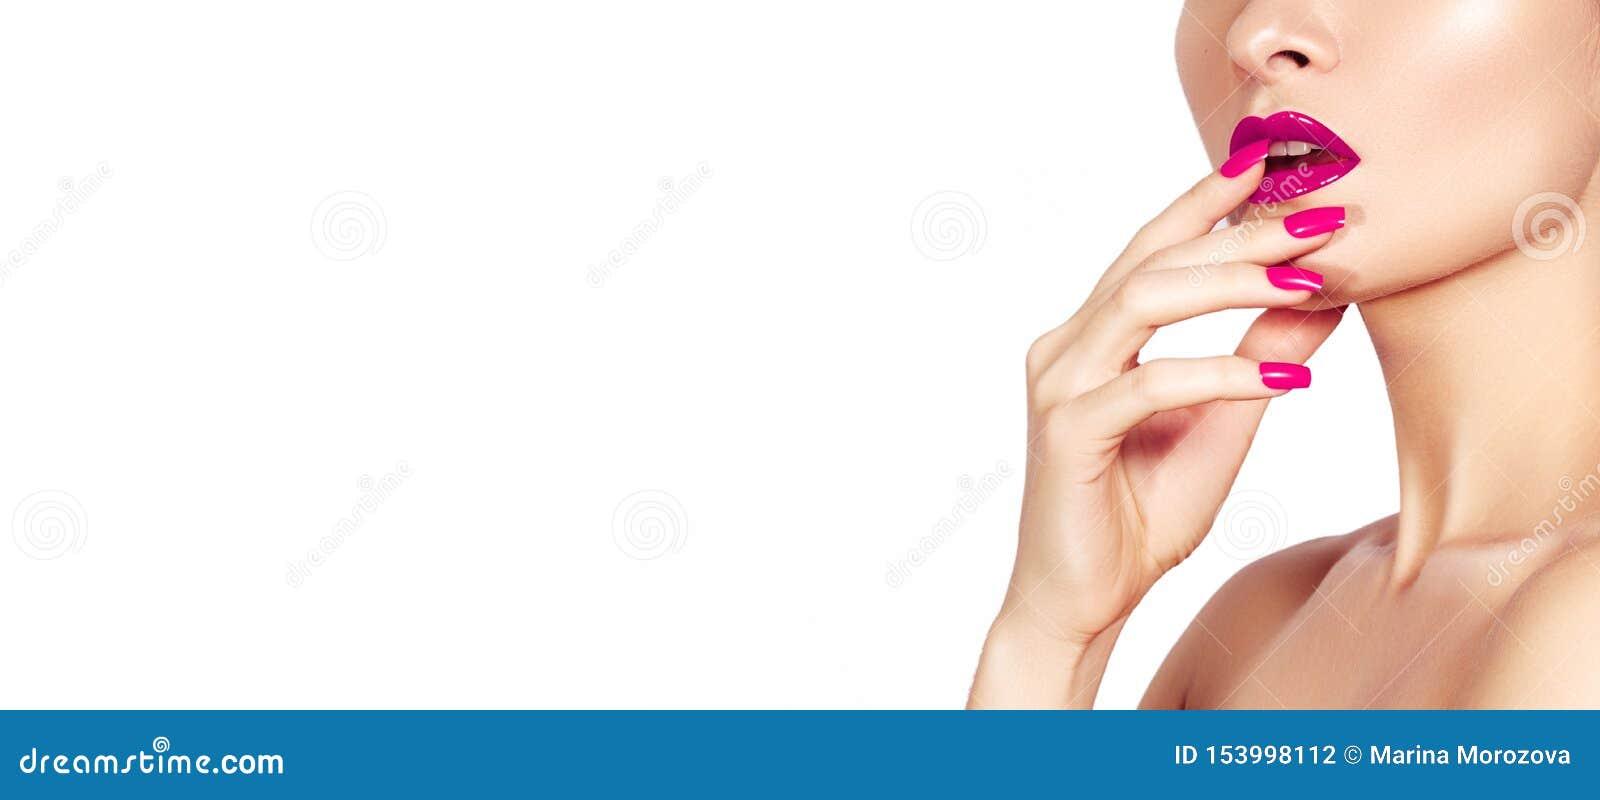 Schönheit mit Mode-roten Nägeln maniküren und helle Make-uplippen Mode-Nagellack mit Gel-Lack, Glanz-Lippe